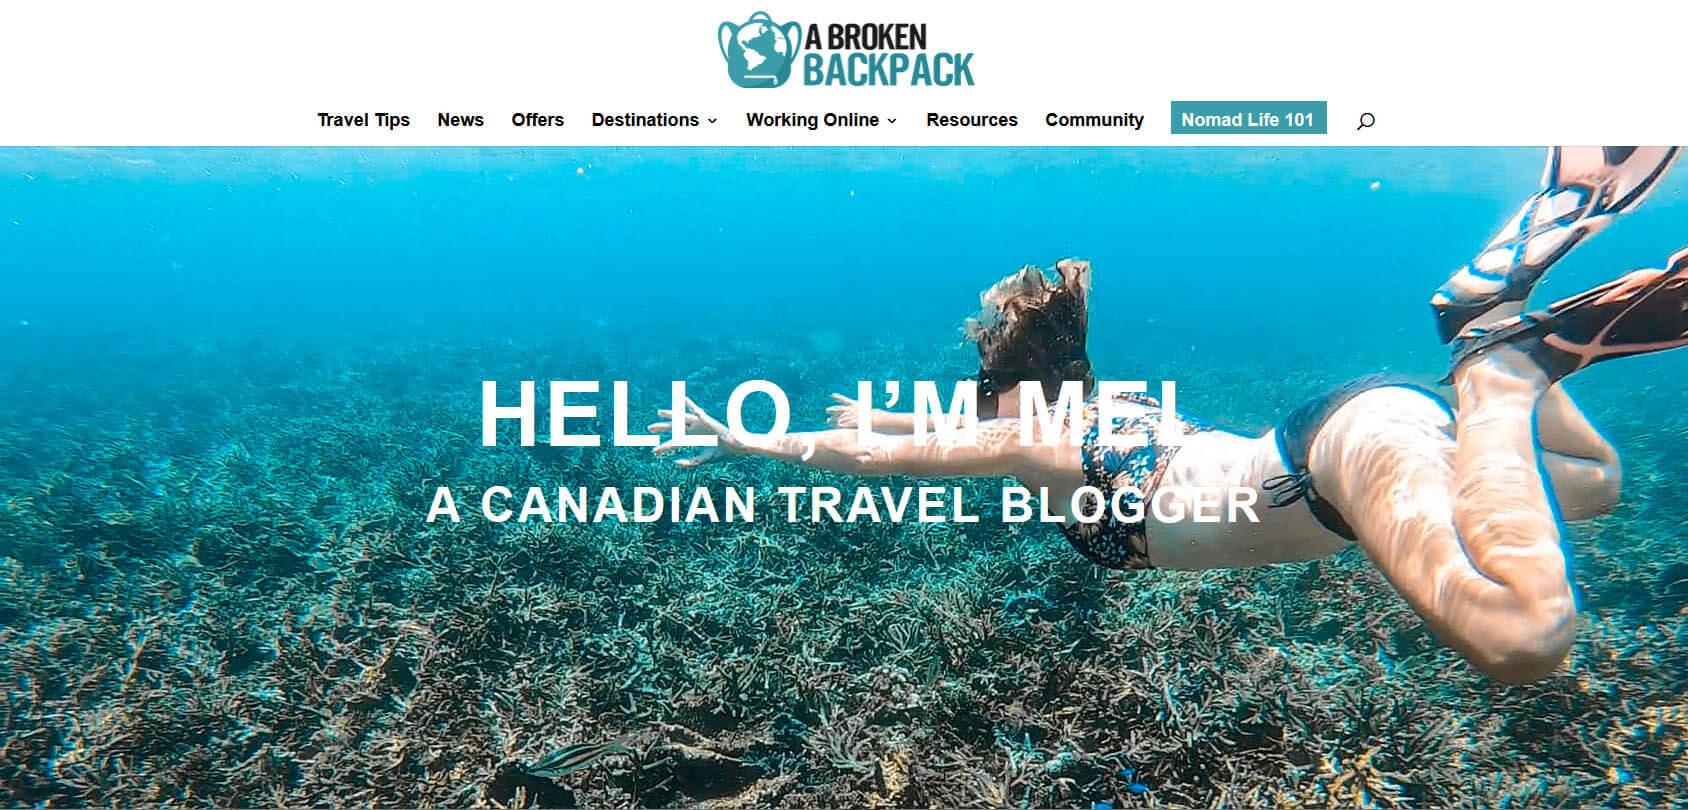 A Broken Backpack Homepage